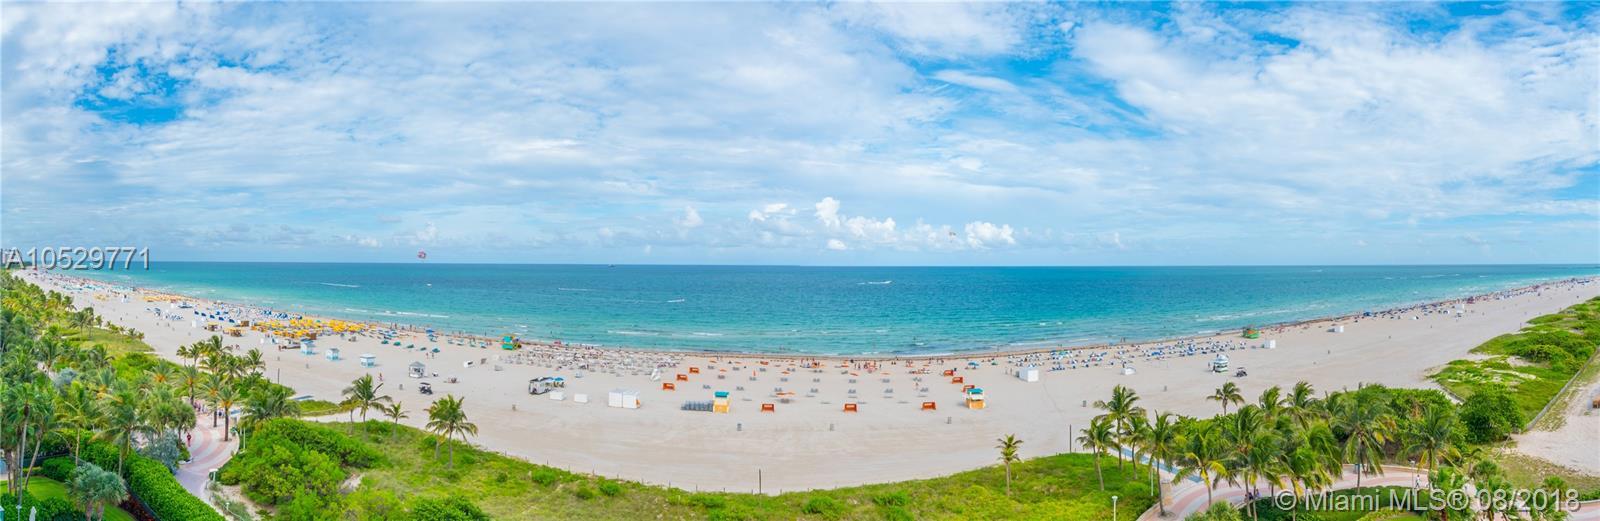 1455 Ocean dr-1006 miami-beach-fl-33139-a10529771-Pic39